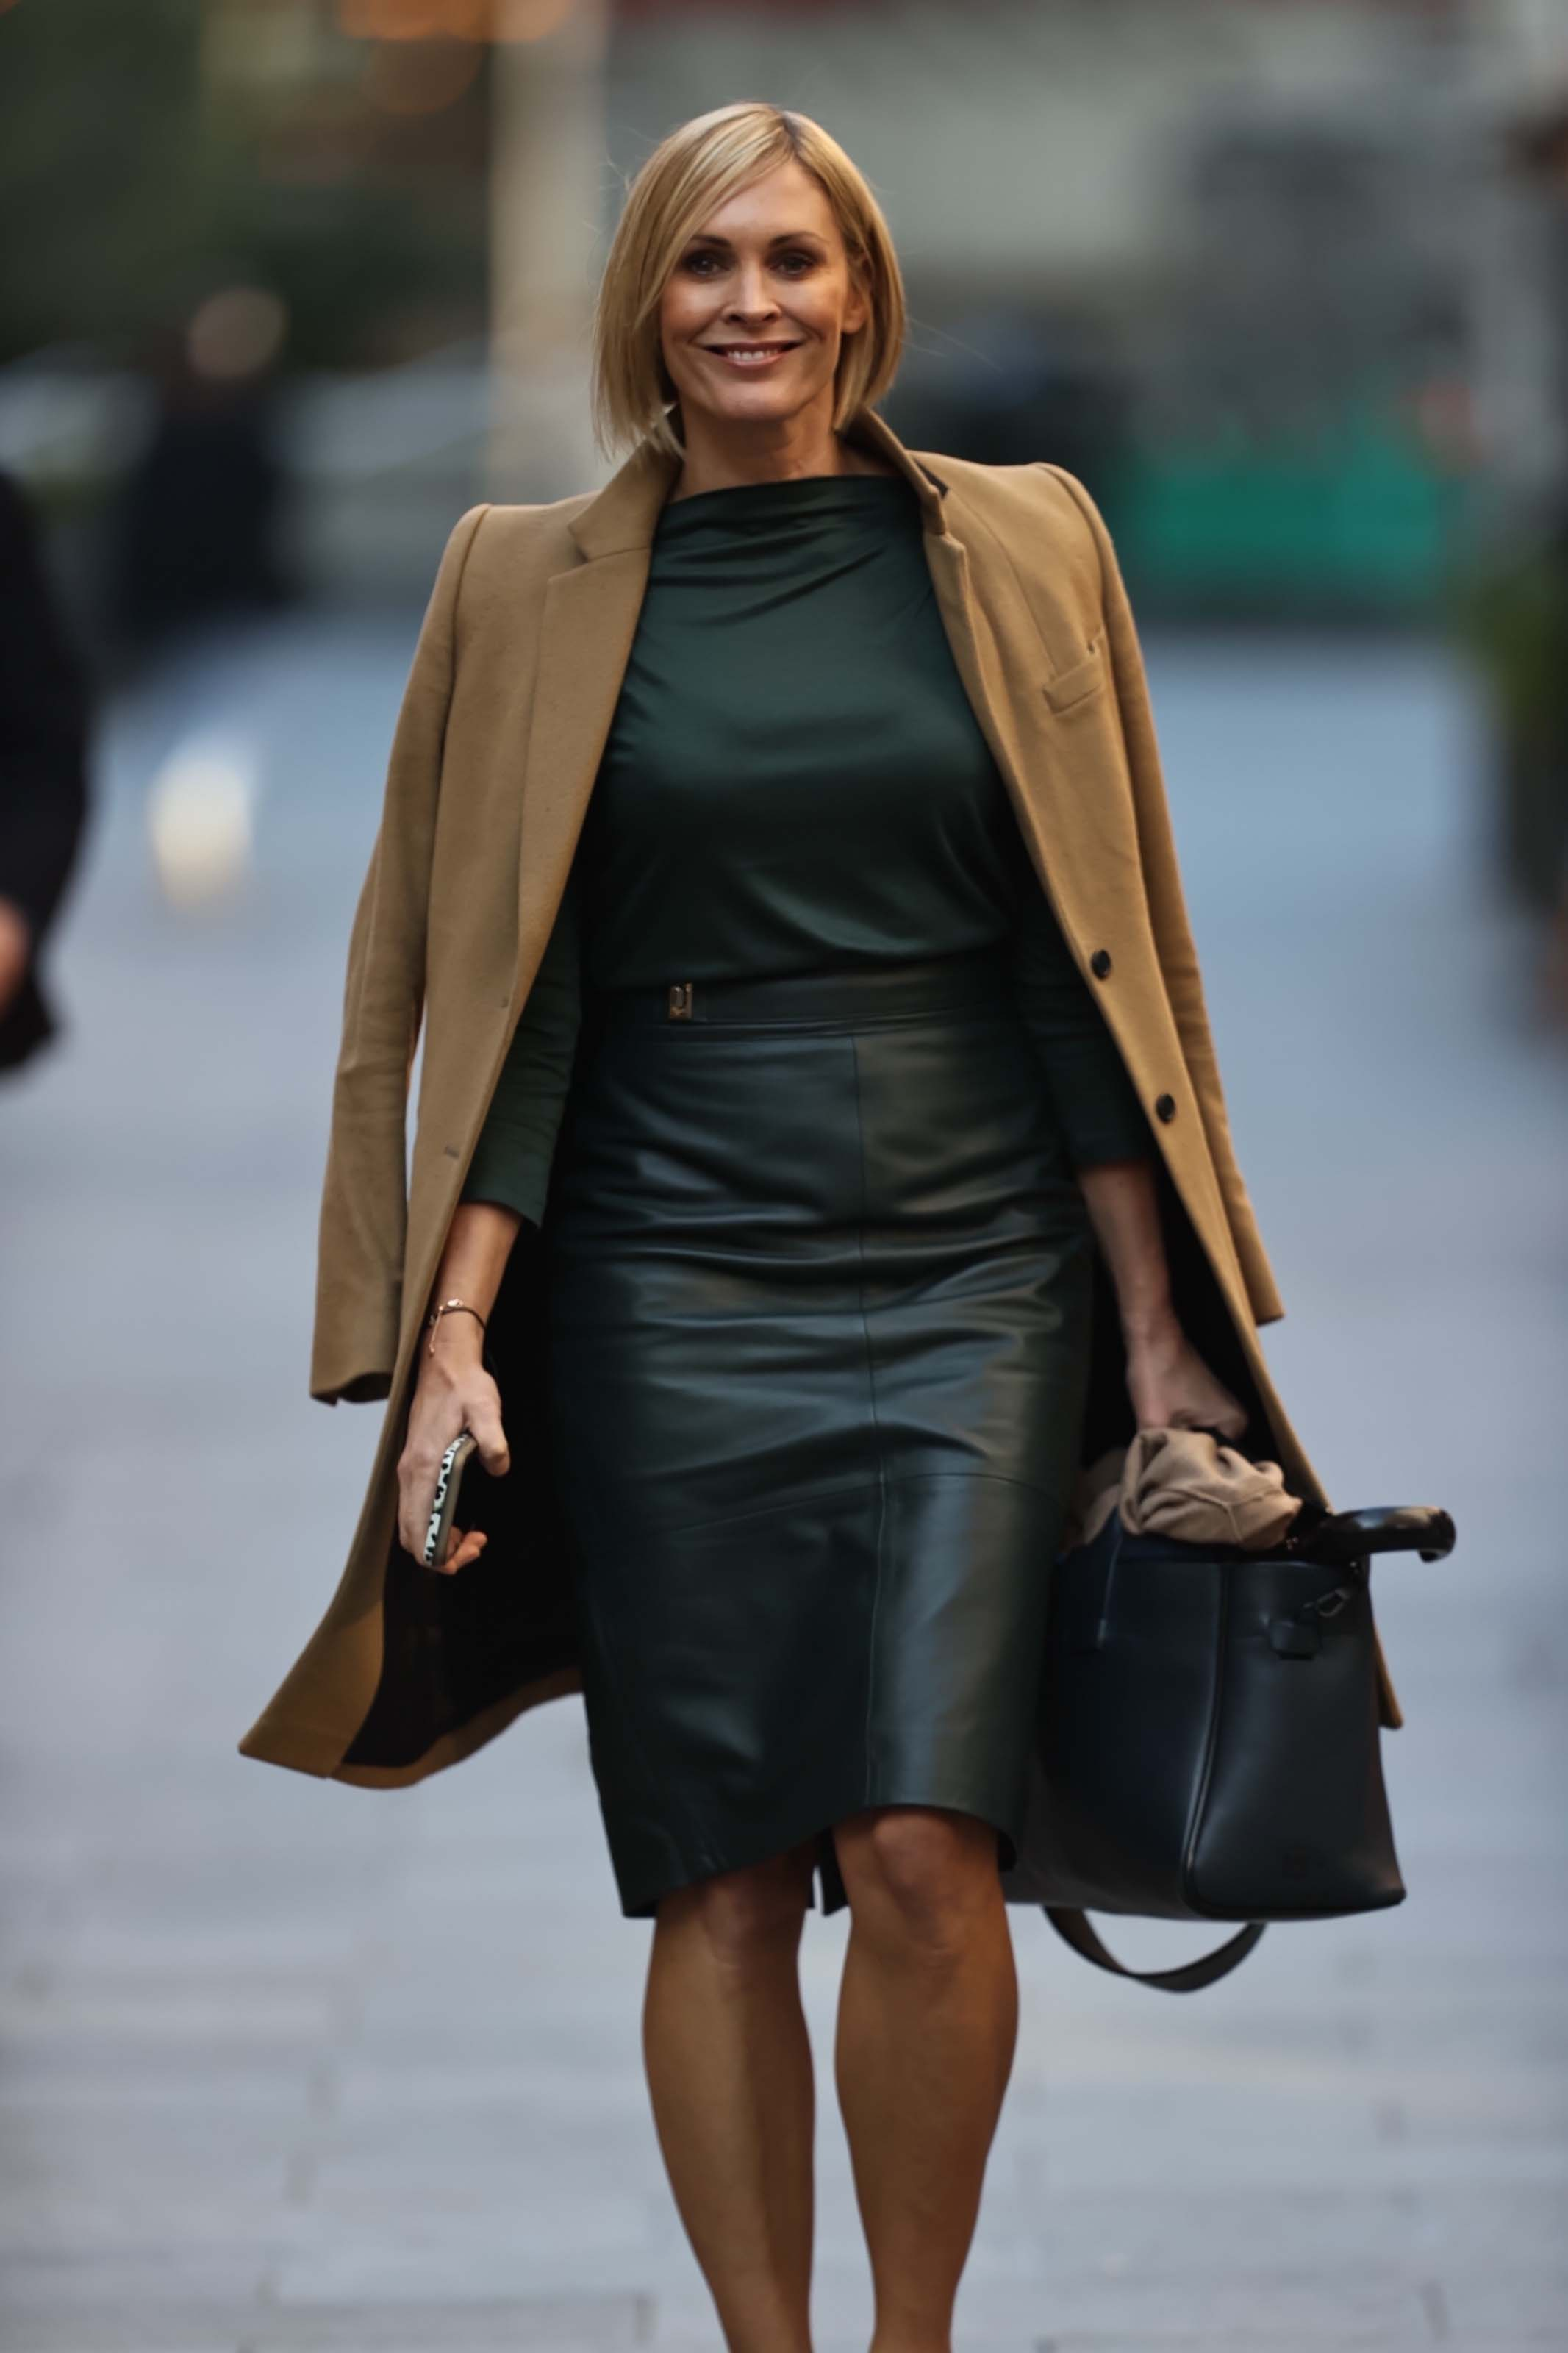 Jenni Falconer seen at Global Radio Studios in London